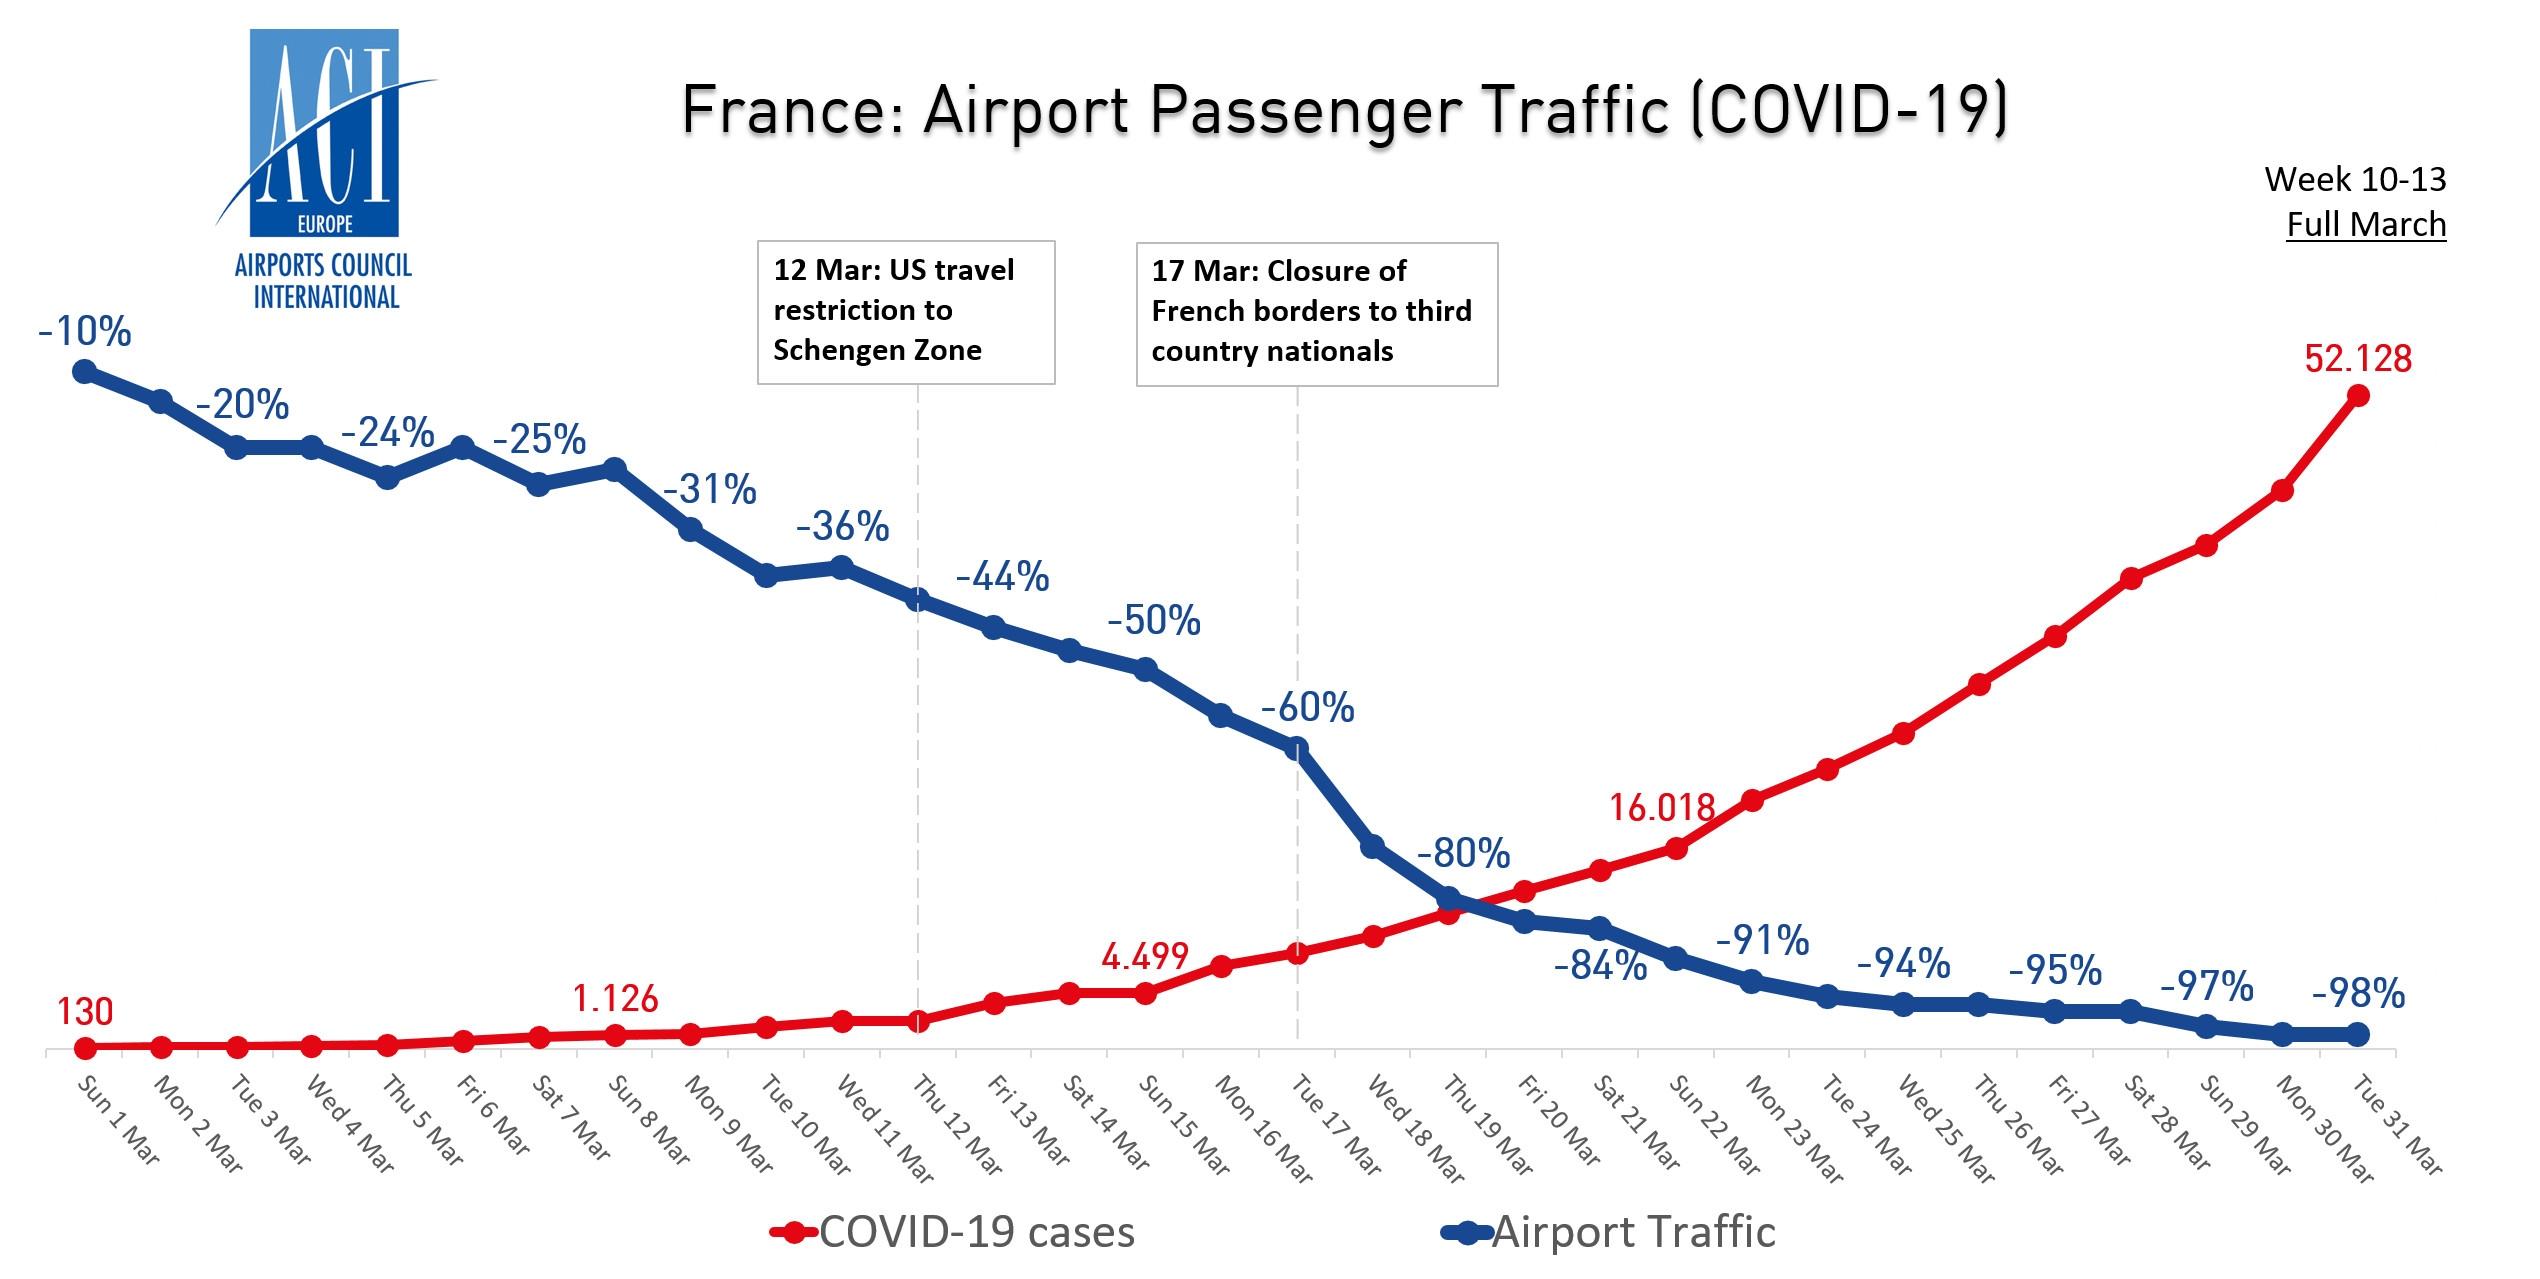 比荷卢经济联盟机场客流量与新冠病毒病例走势图